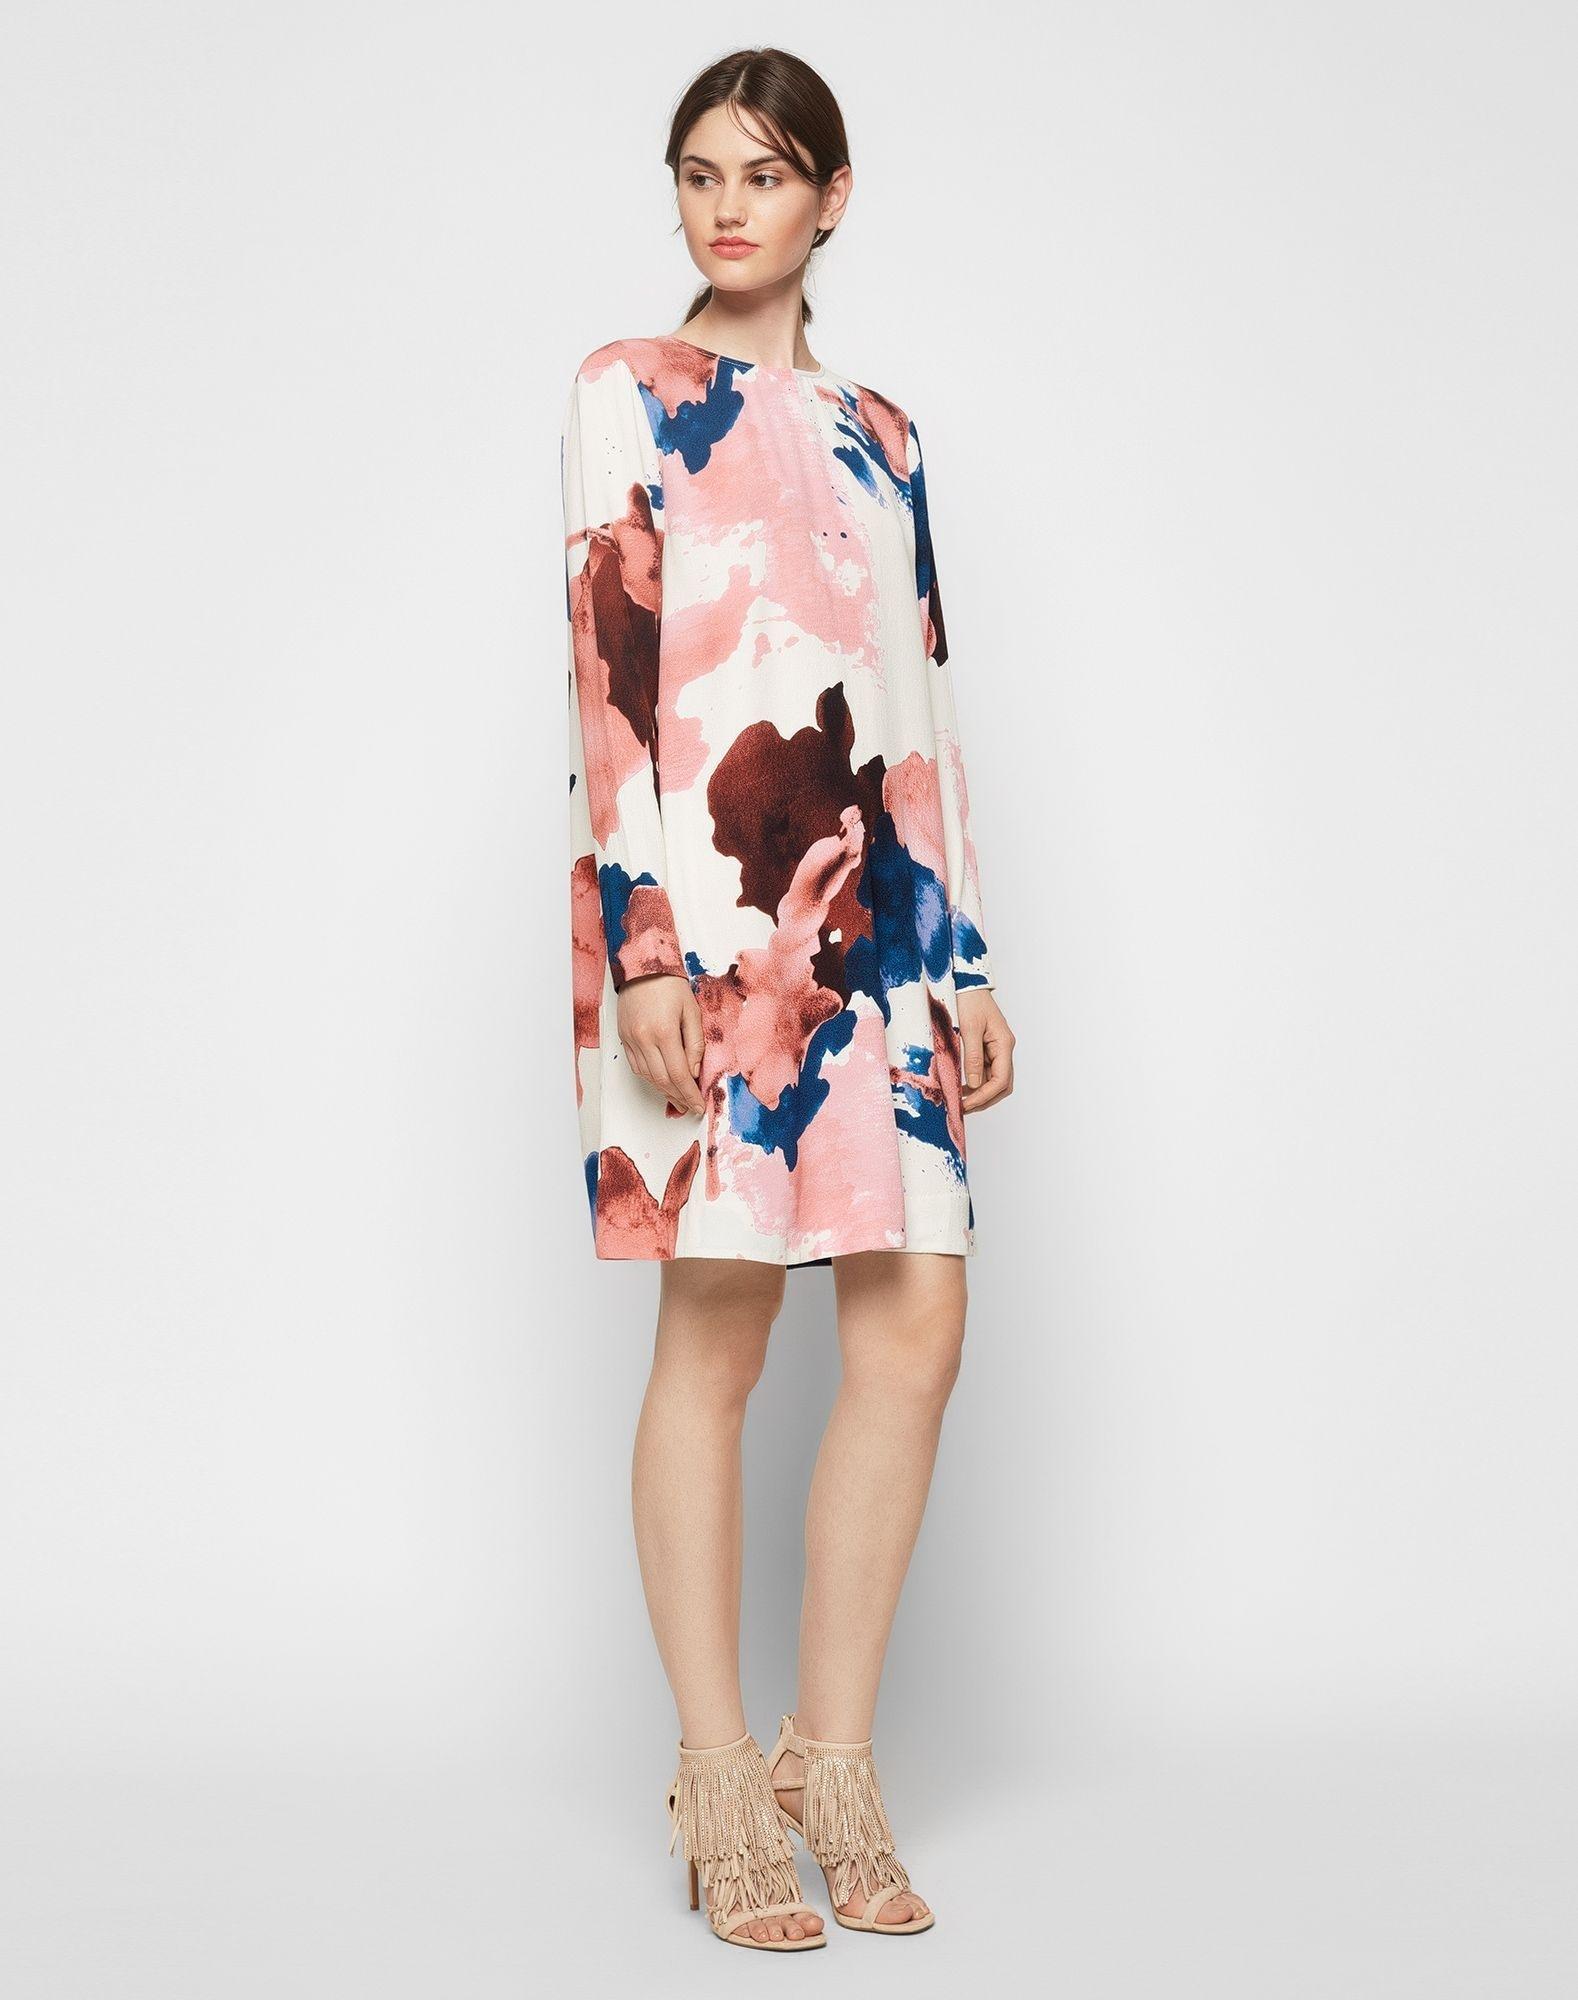 15 Coolste Kleider Für Anlass für 201917 Schön Kleider Für Anlass Vertrieb